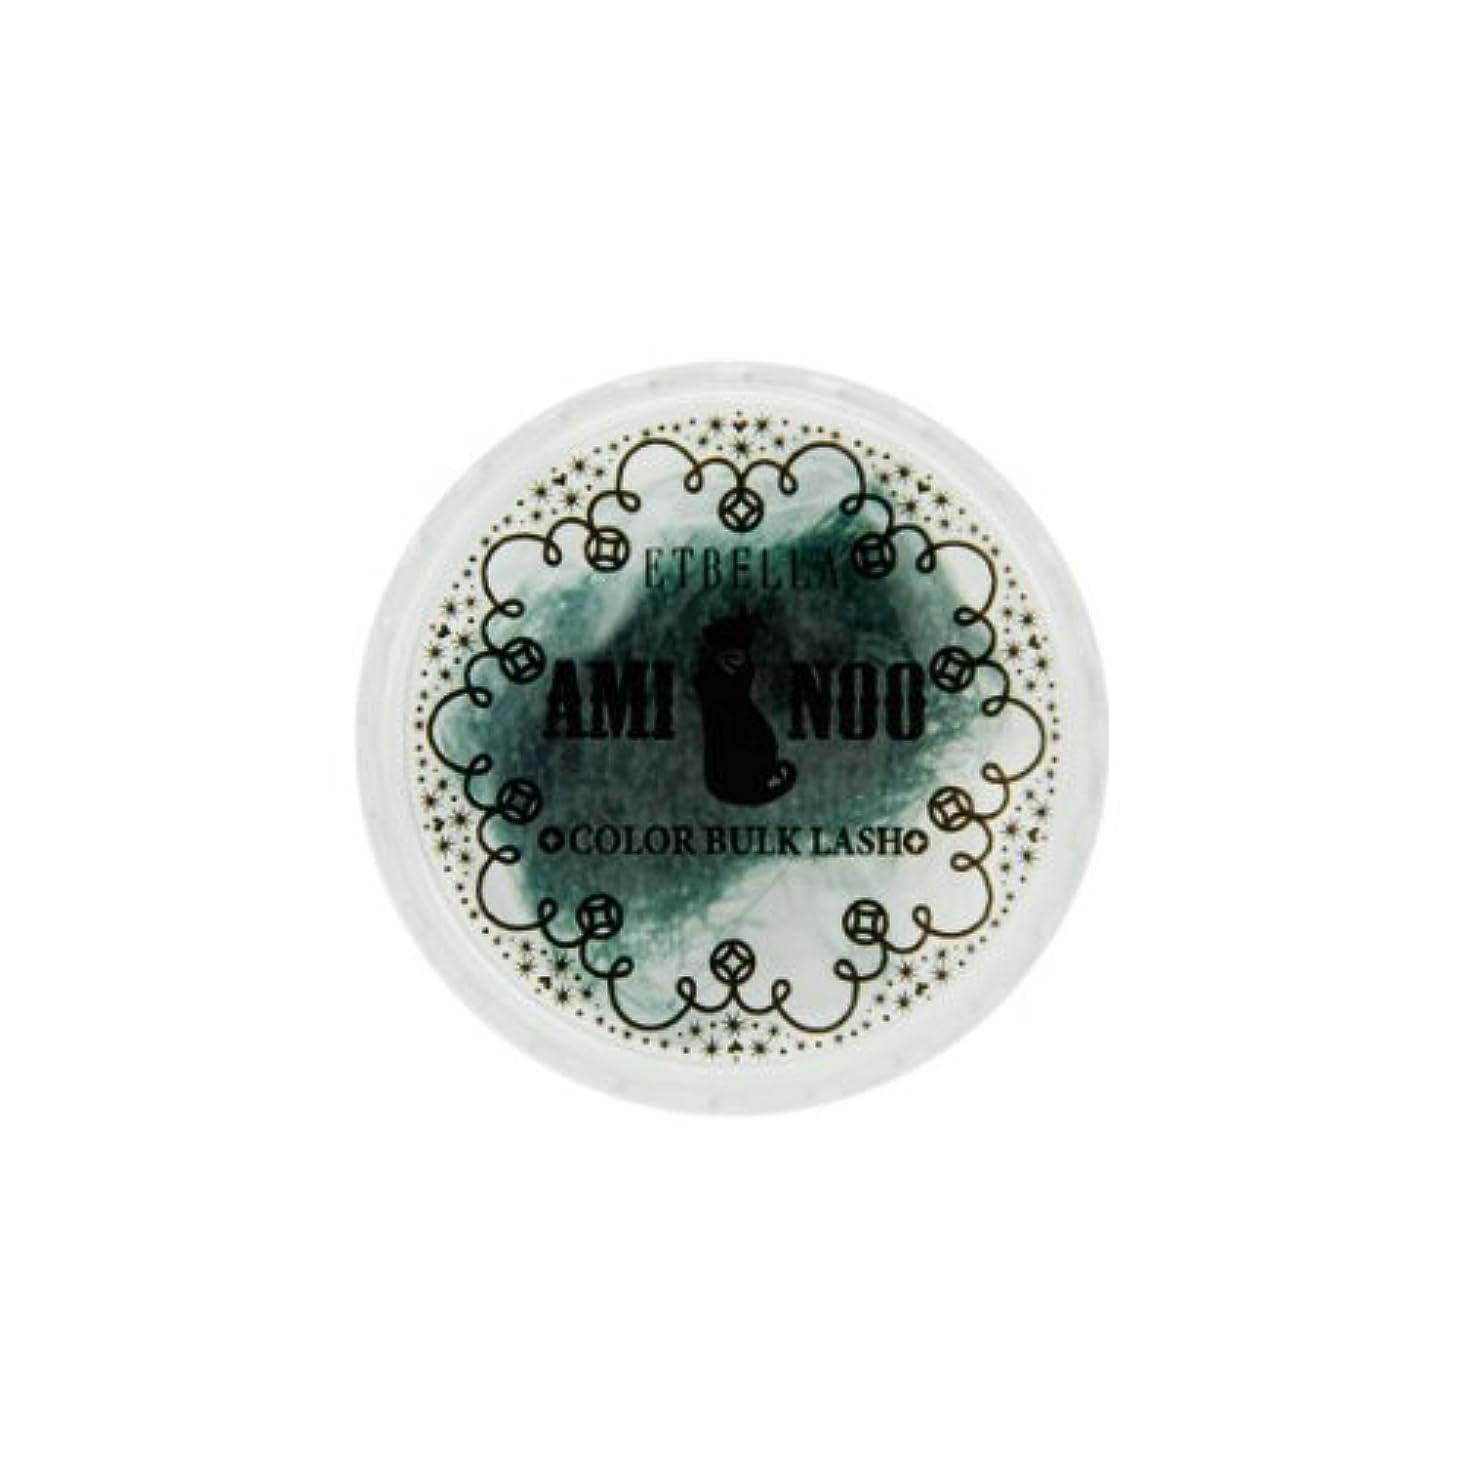 状況免疫する退屈エトゥベラ アミヌ カラーラッシュ グリーン Jカール 太さ0.15mm×長さ13mm 0.2g